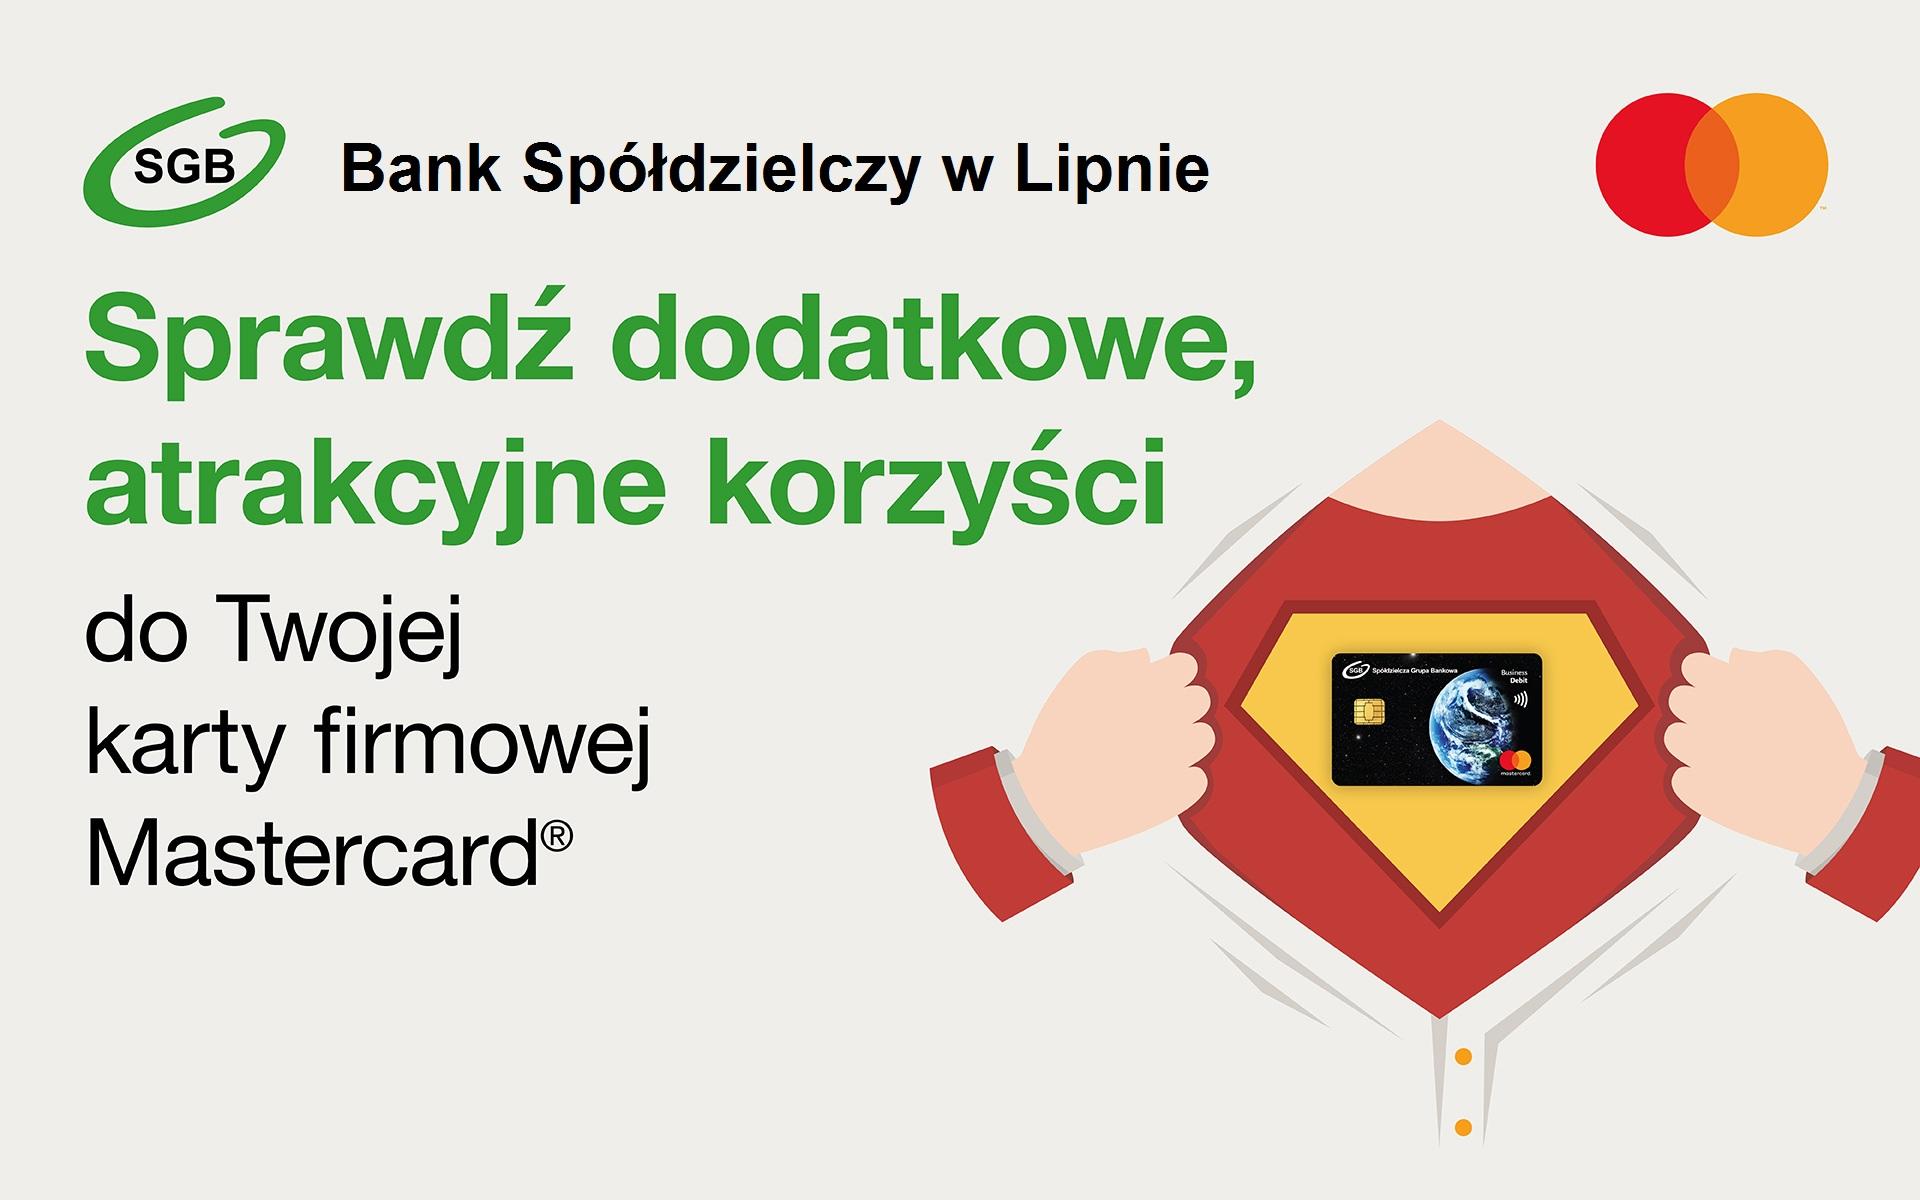 Bezpieczniej z kartą firmową Mastercard